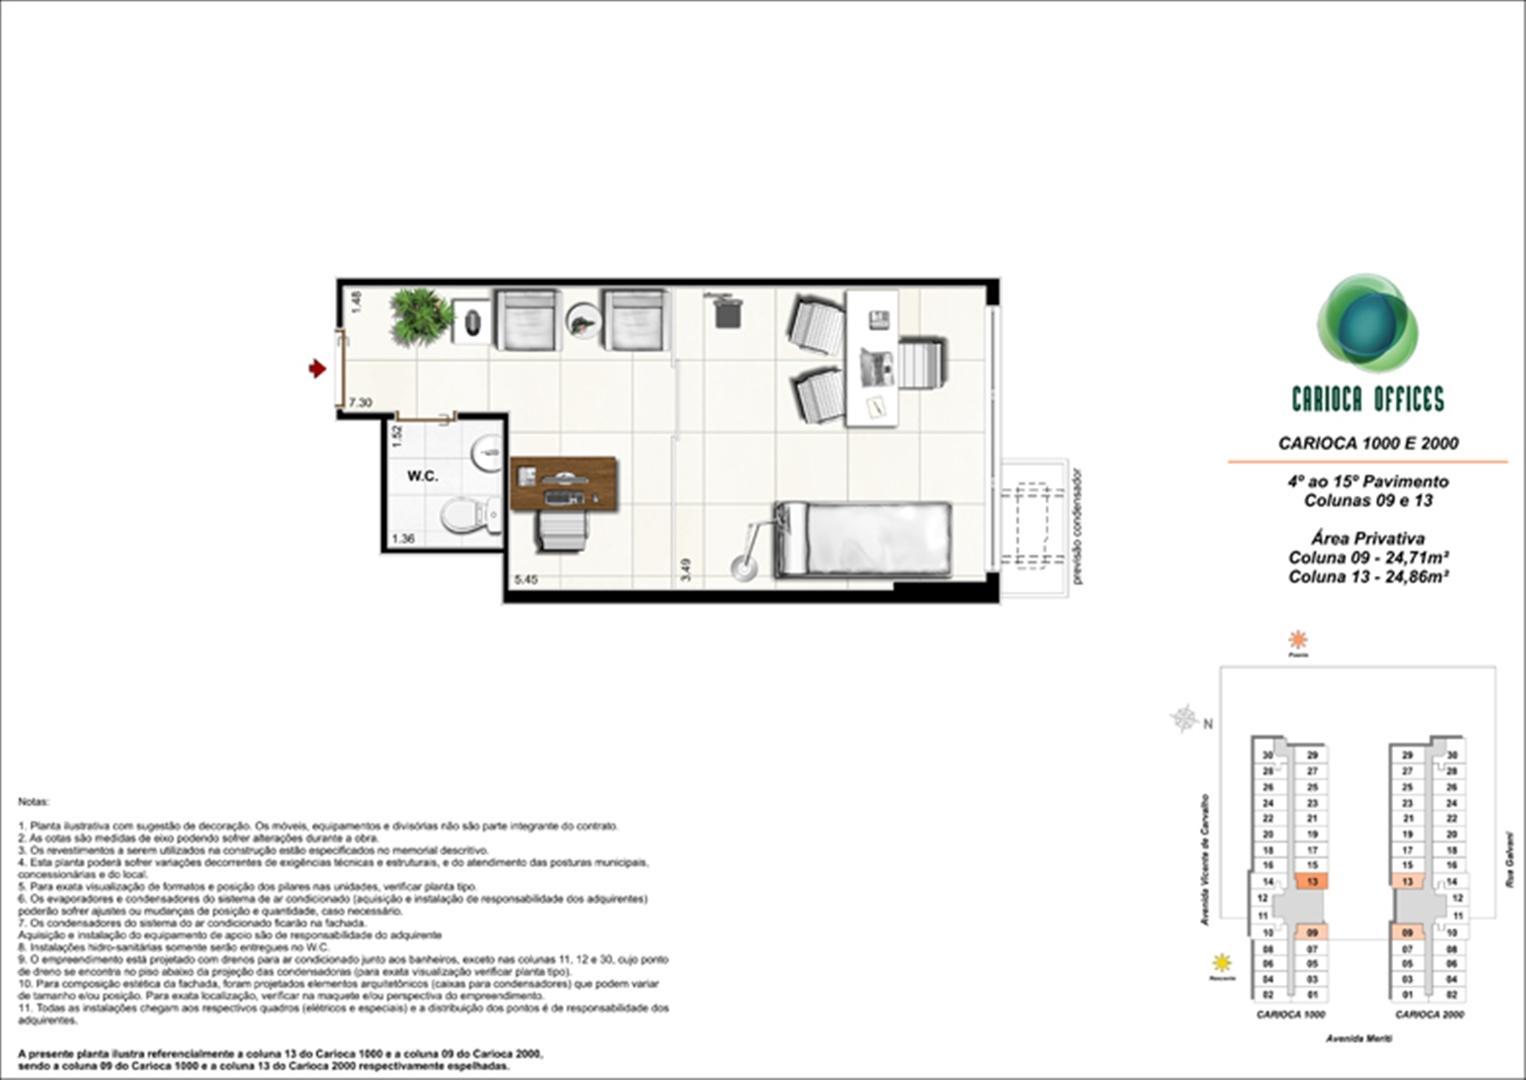 Sugestão de decoração - Carioca 1000 e 2000 - Colunas 09 -13 - 4º ao 15º Pavimento | Carioca Offices – Salas Comerciais na  Vila da Penha - Rio de Janeiro - Rio de Janeiro